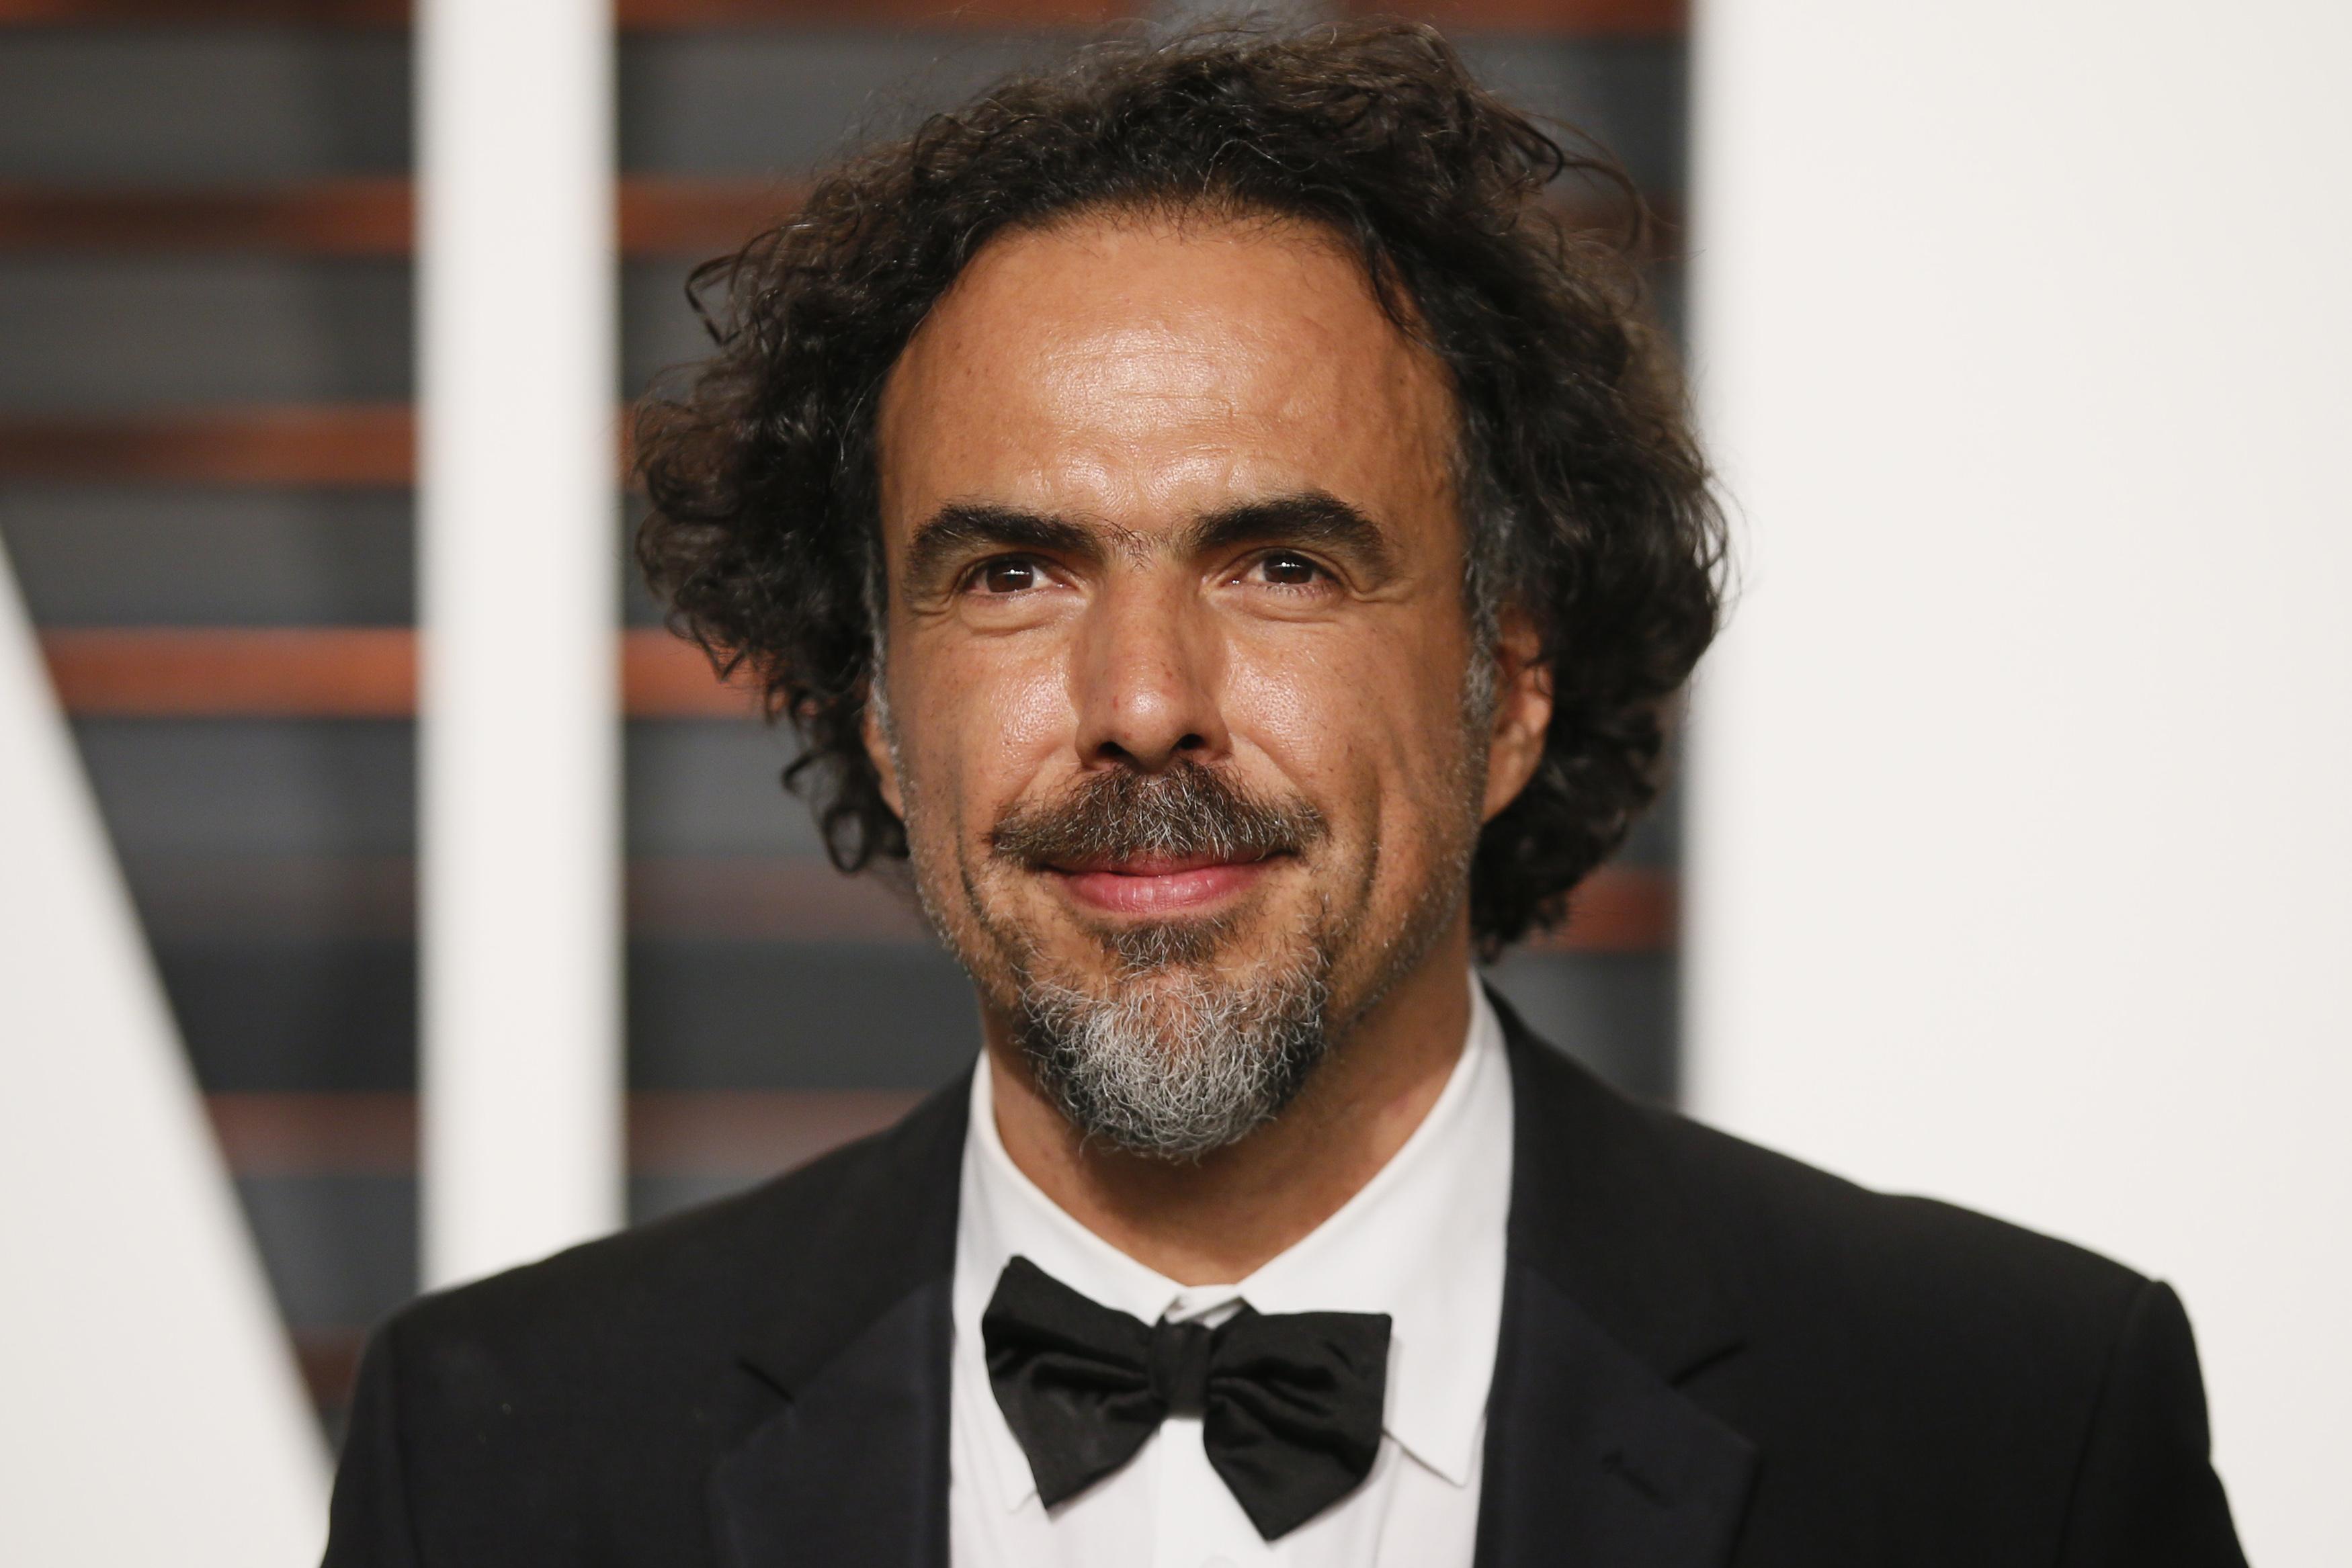 Alejandro González Iñárritu's wins at the Oscars marked the